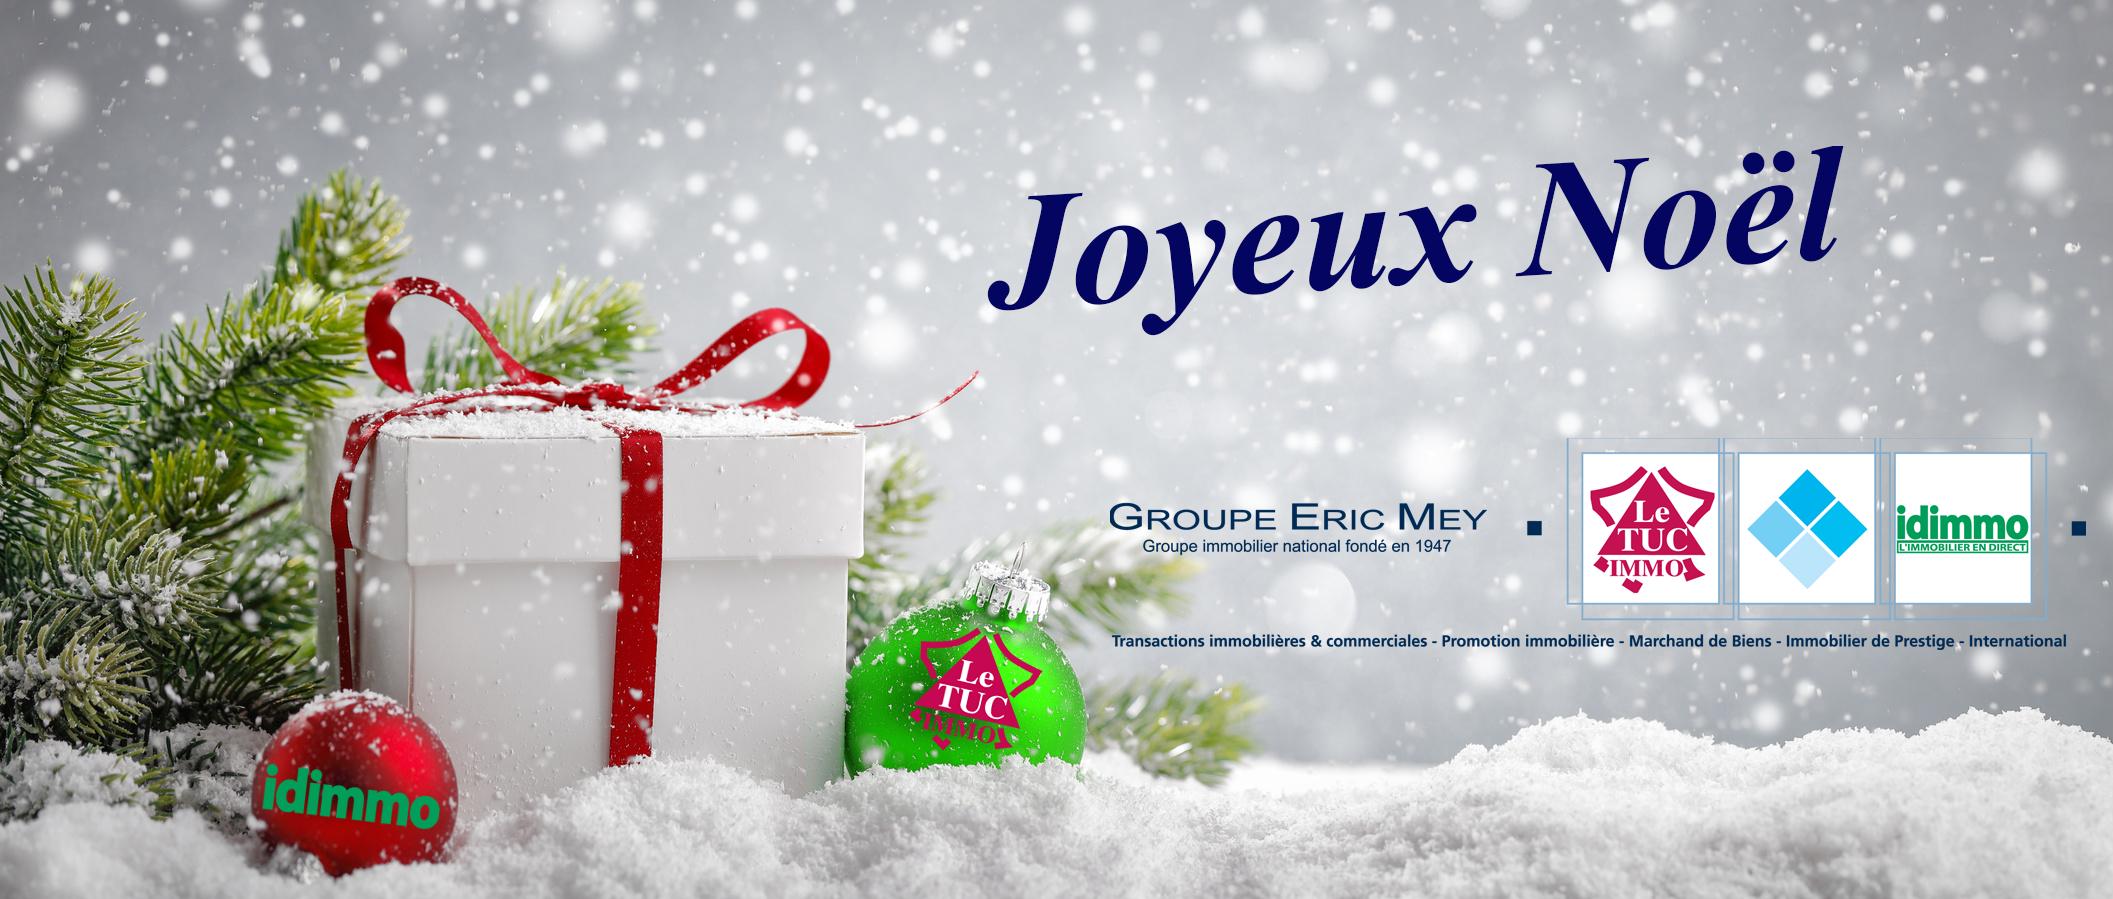 Souhaiter Joyeux Noel.Joyeux Noel Eric Mey Le Blog